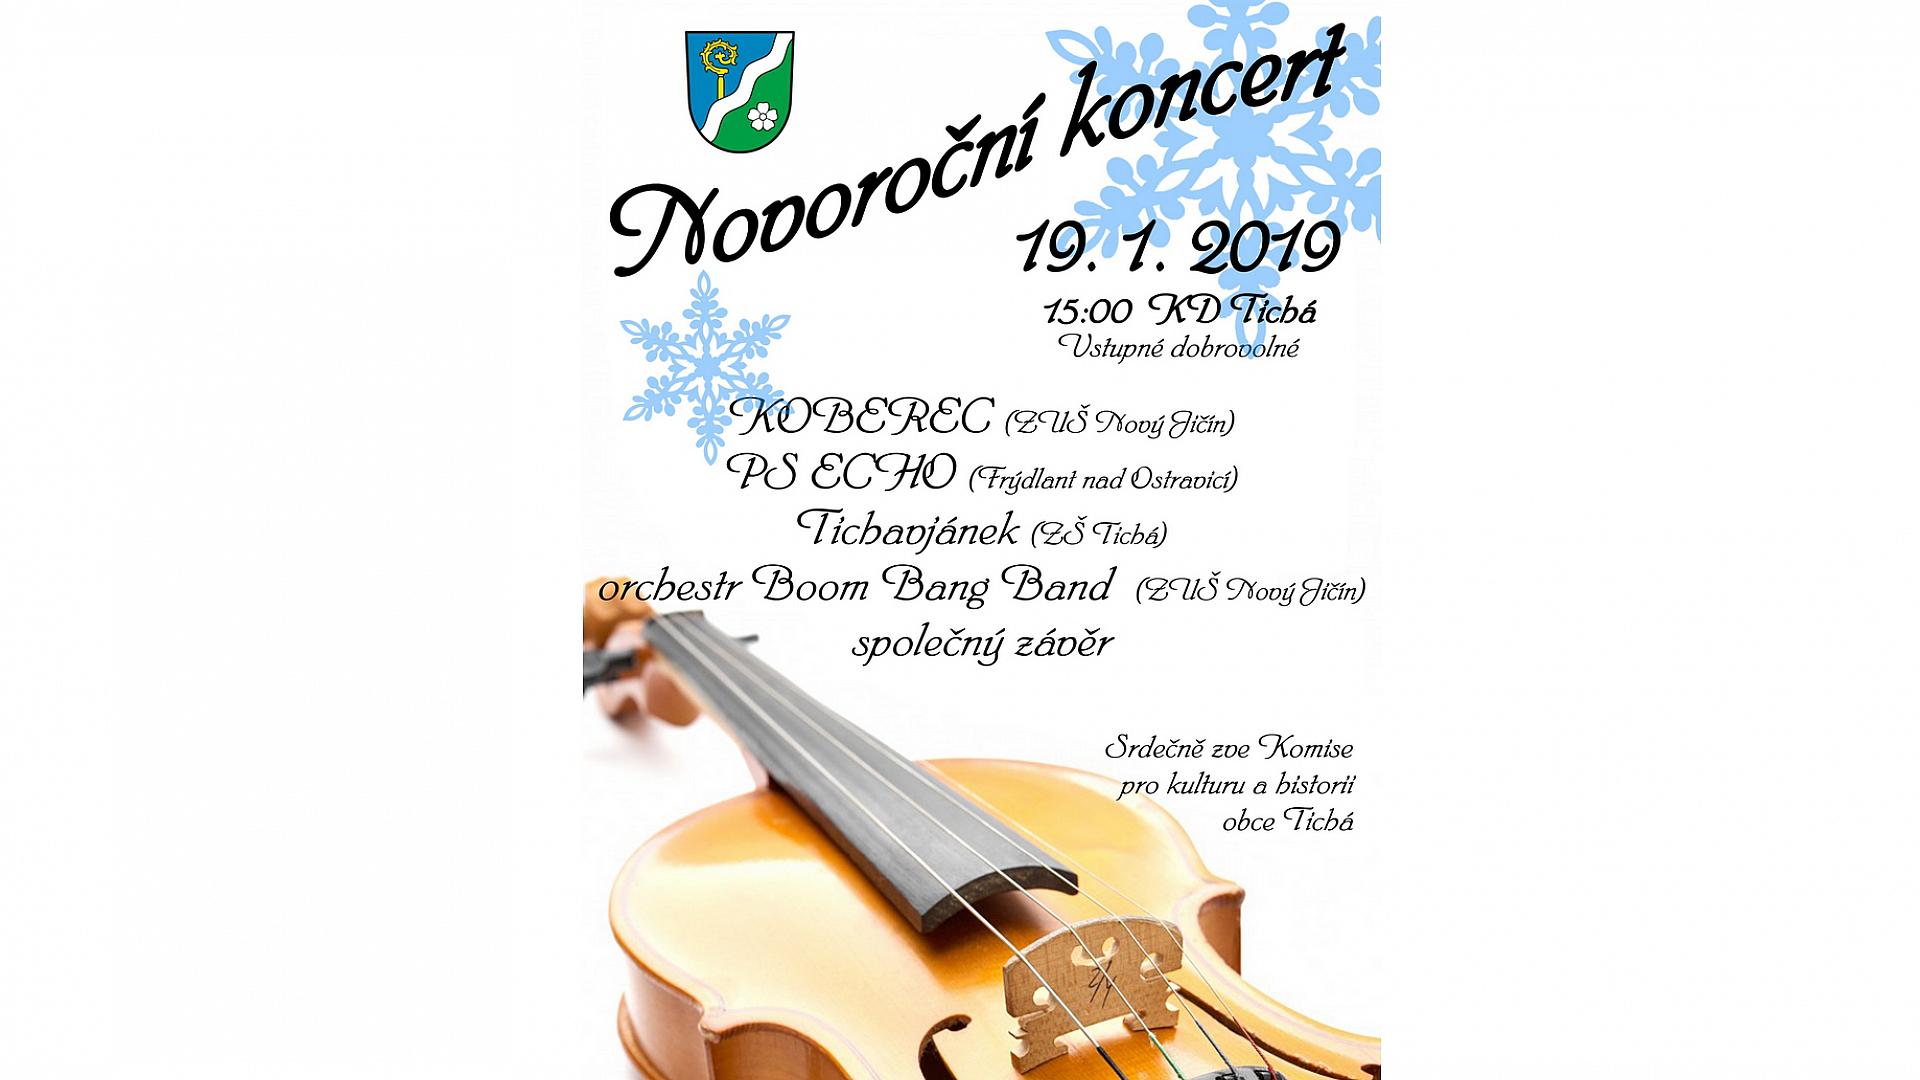 Obec Tichá - Novoroční koncert 2019